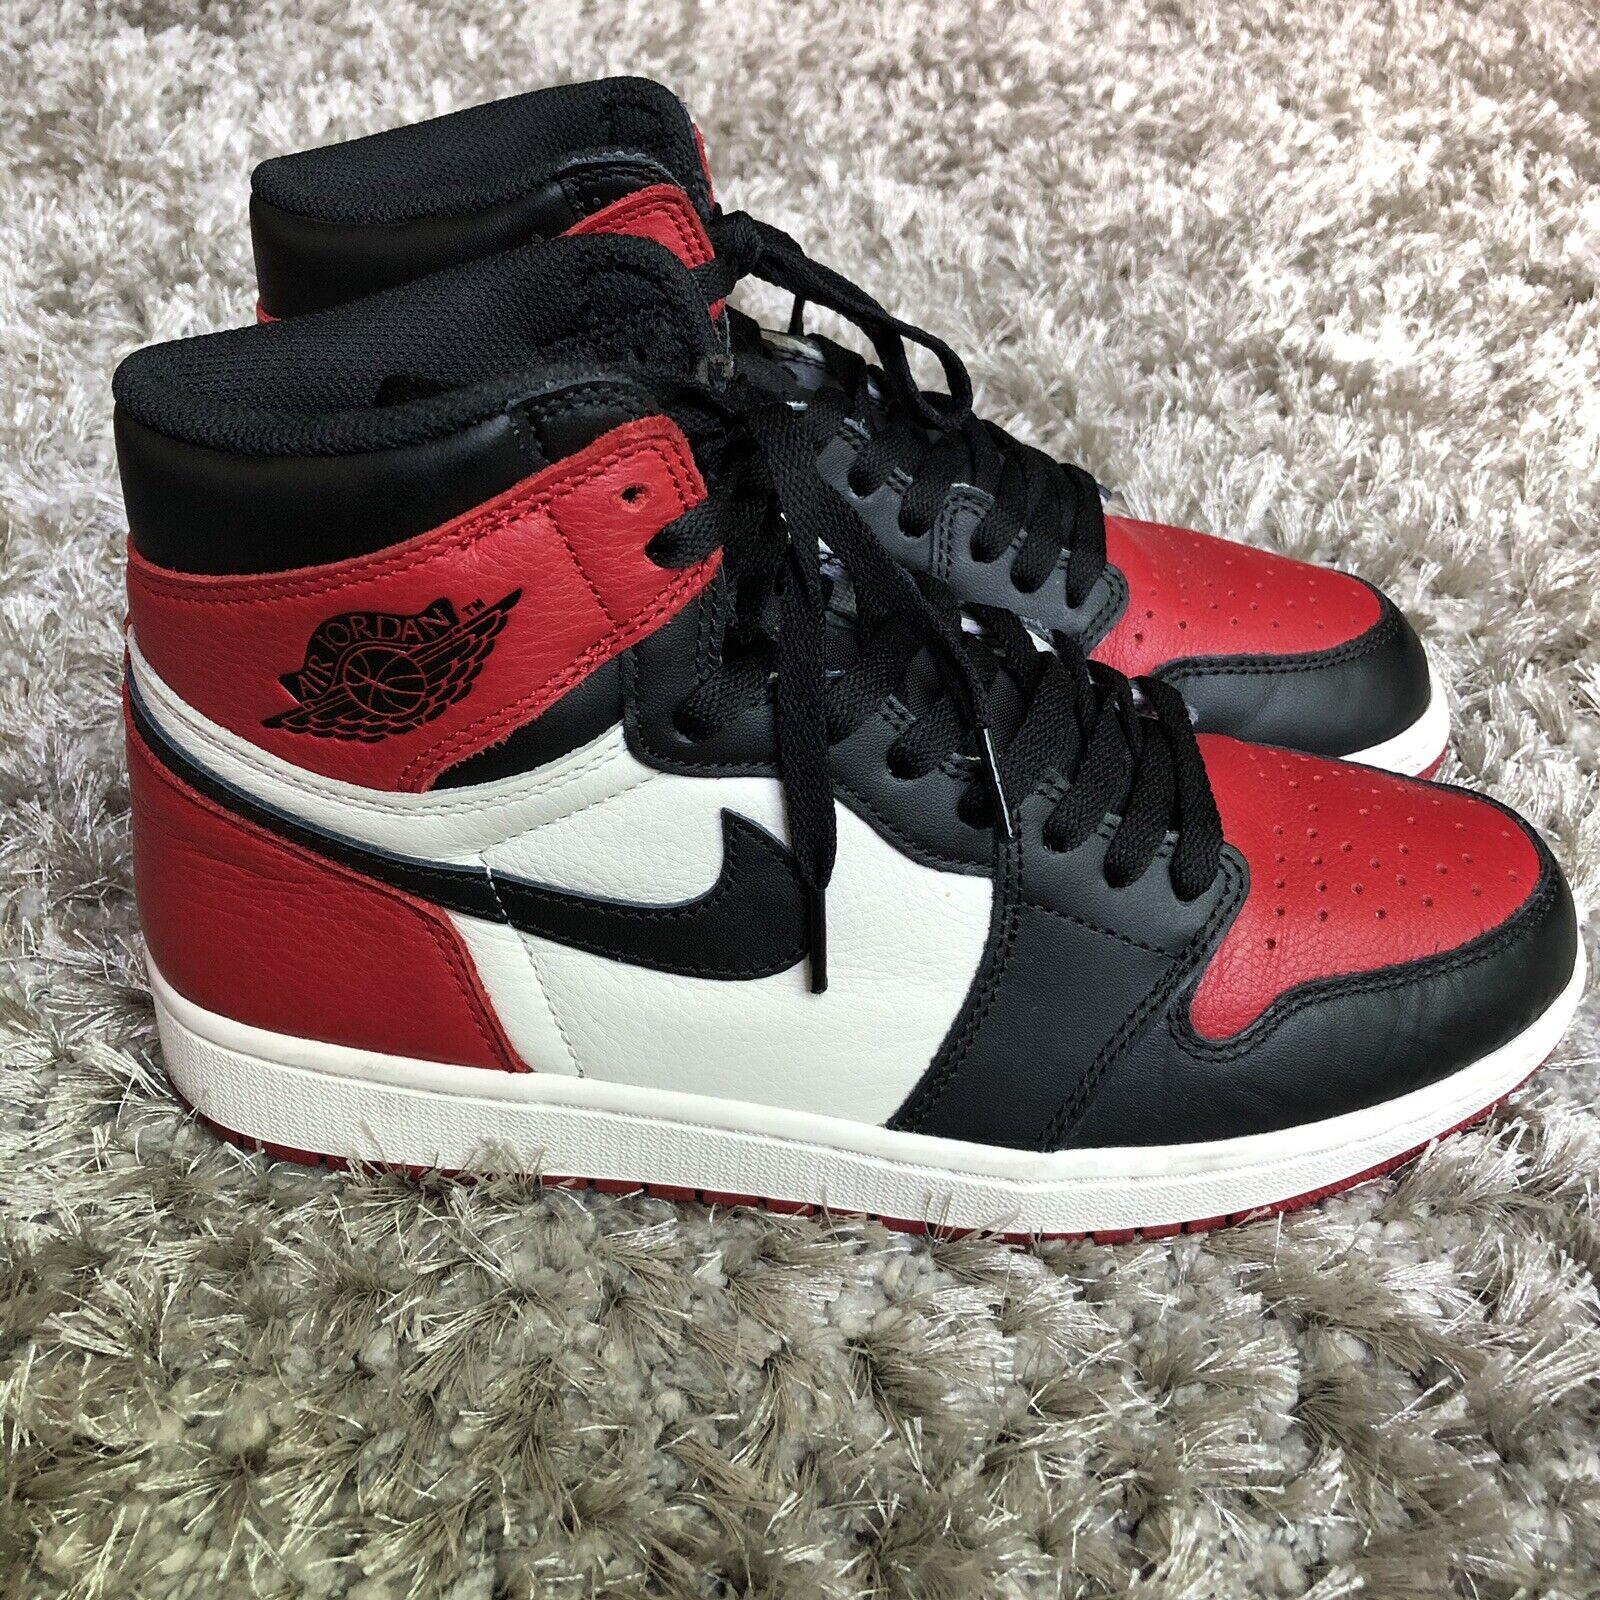 Nike Air Jordan 1 Retro Bred Toe Mens Size 9 Union Turbo Unc Off 555088 610 Rare